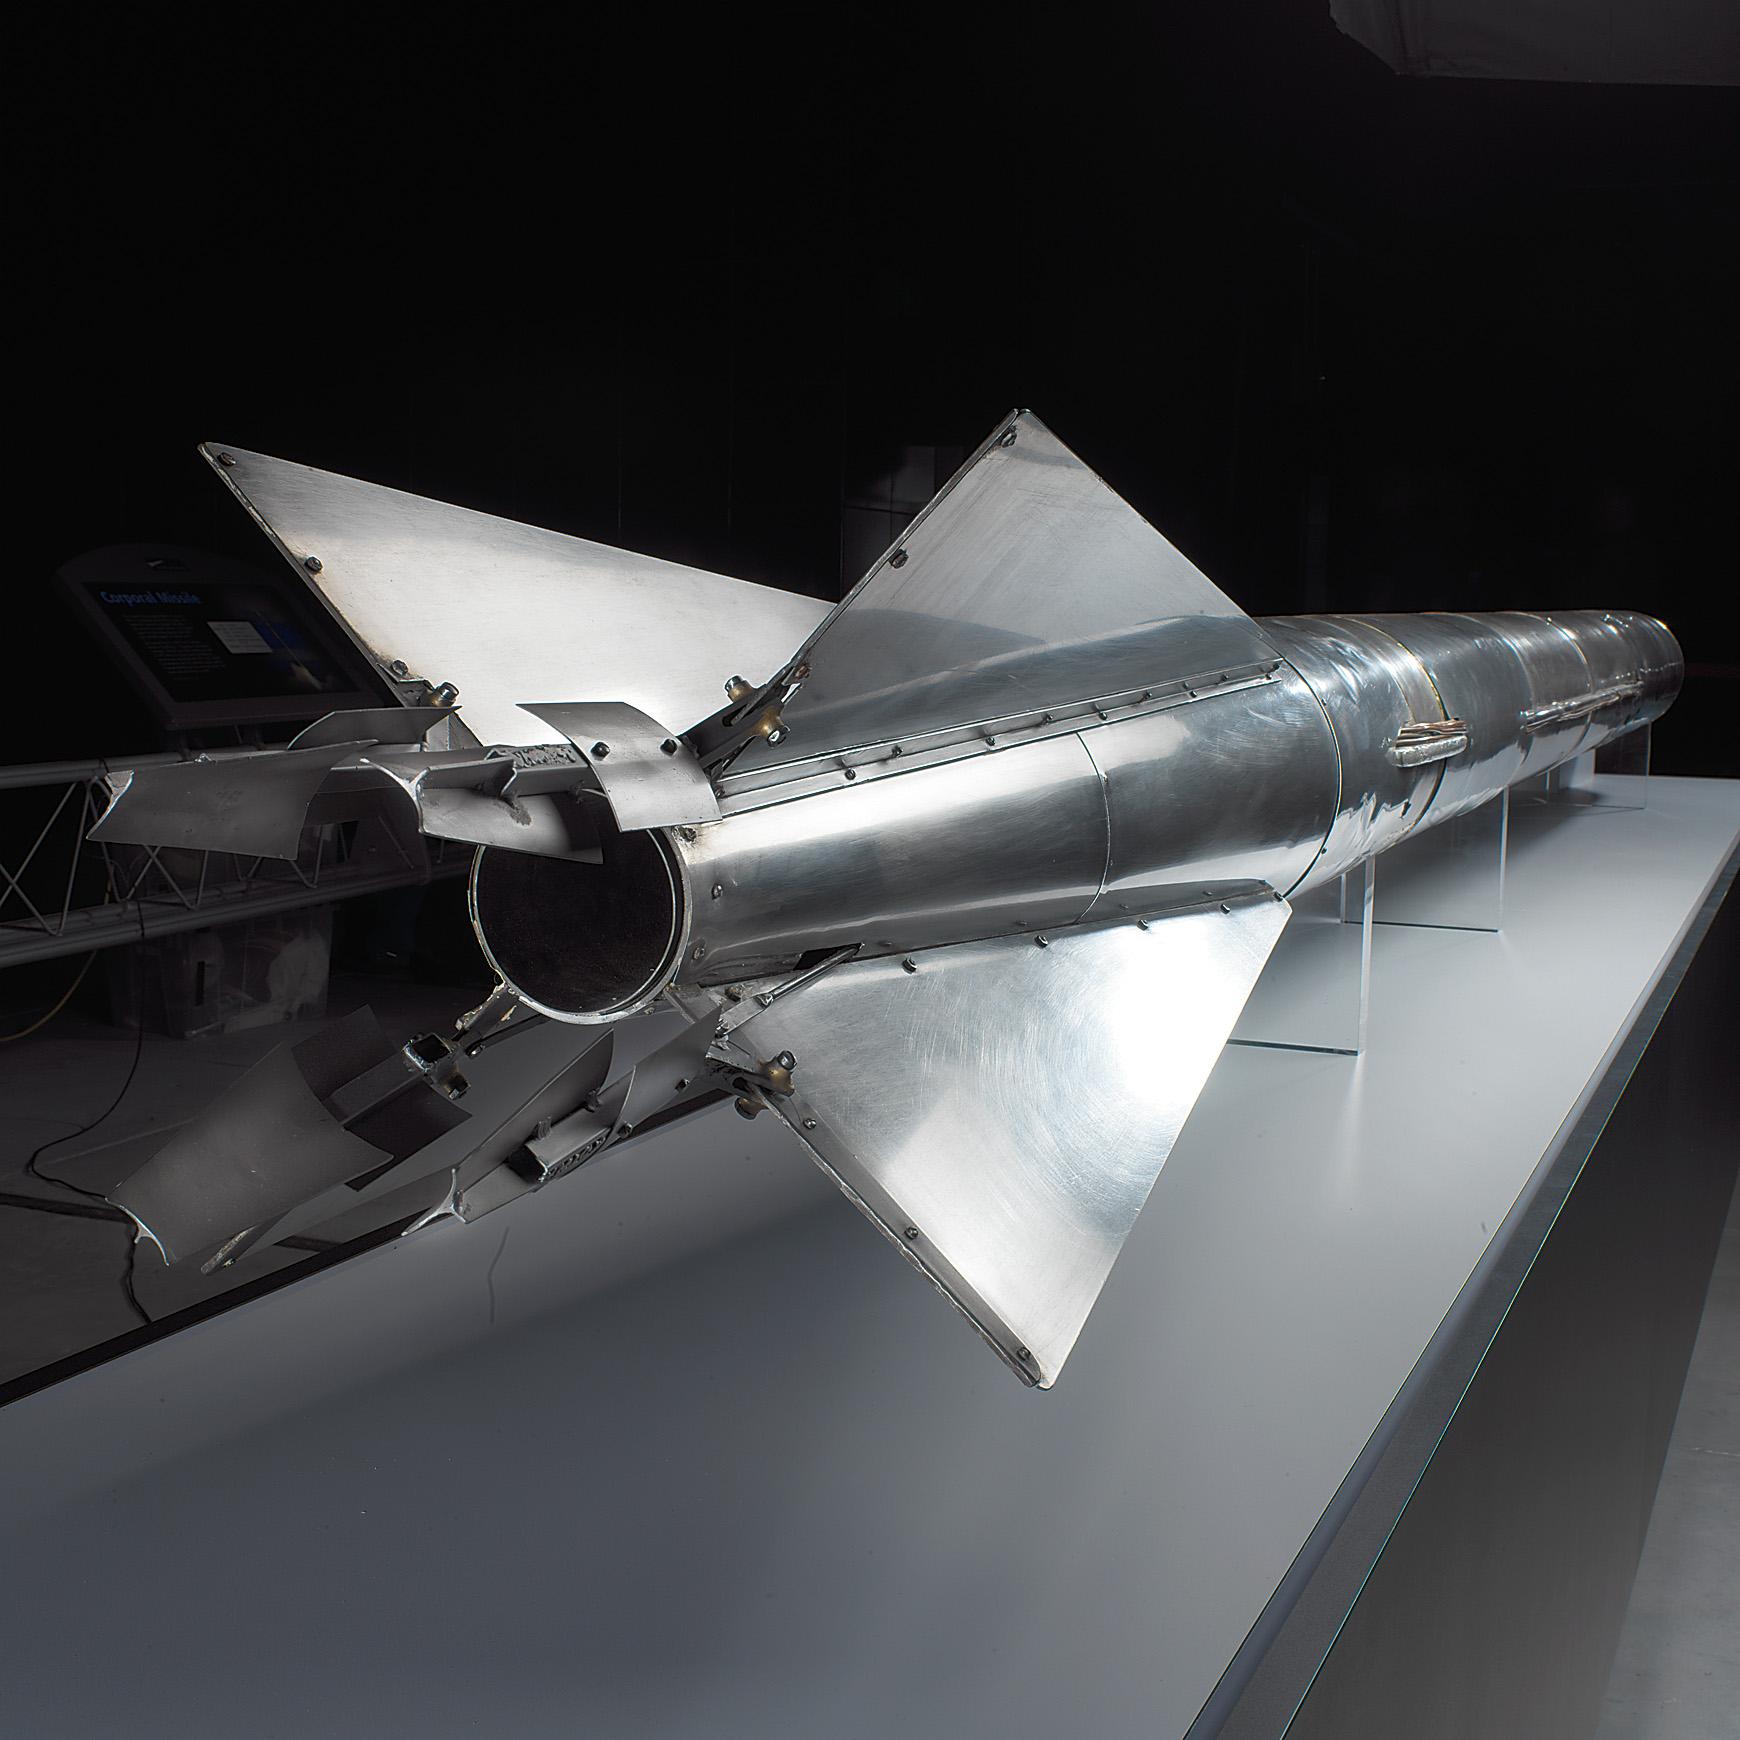 Goddard 1935 A-Series Rocket at the Udvar-Hazy Center